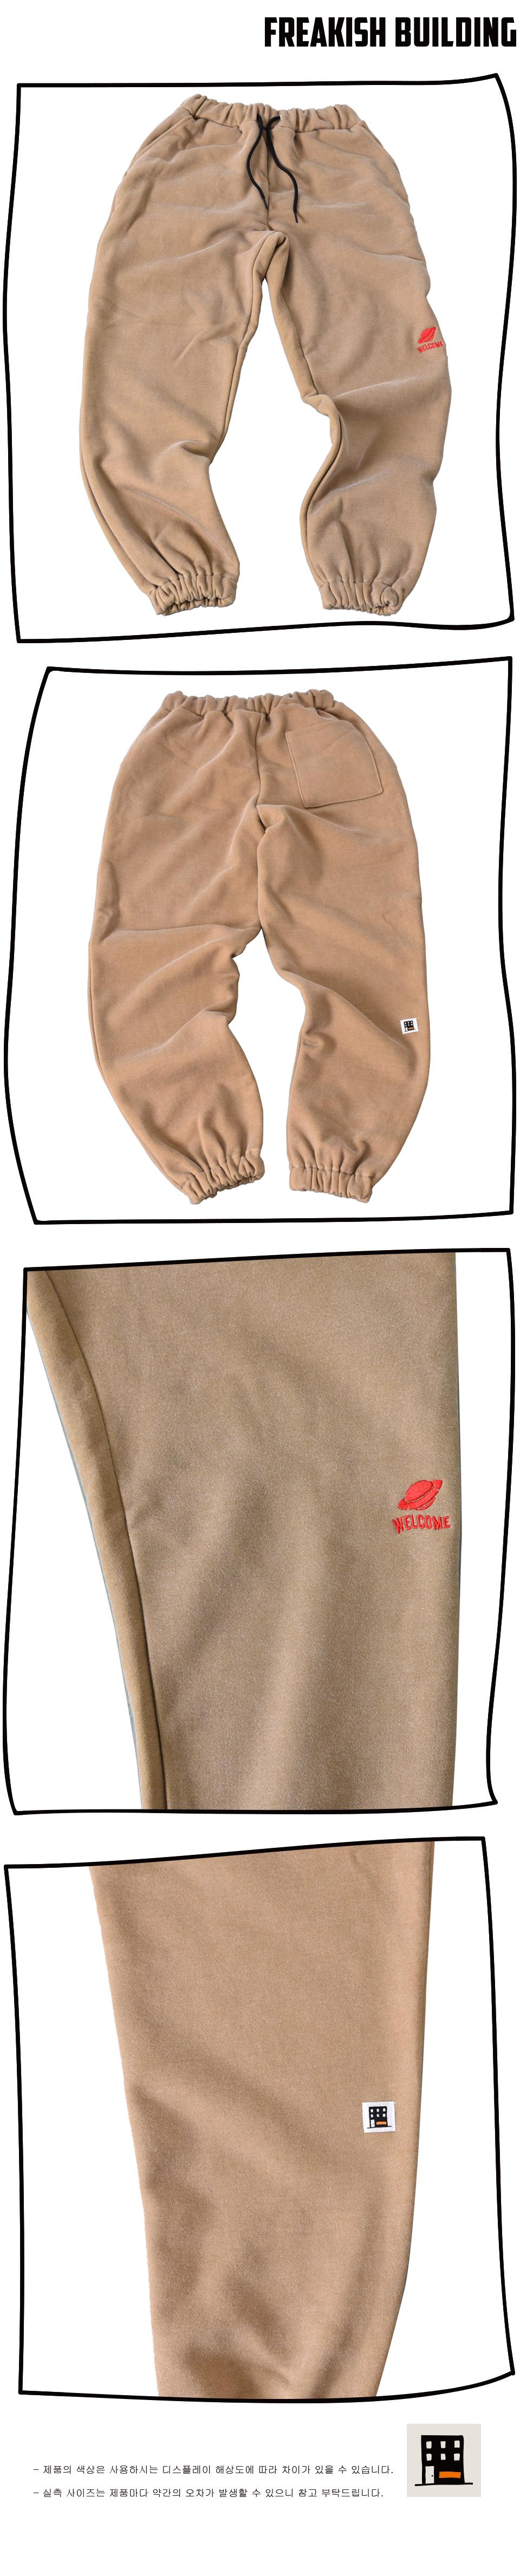 #04 DRAIN SWEAT LONG PANTS (BEIGE) 03.jpg